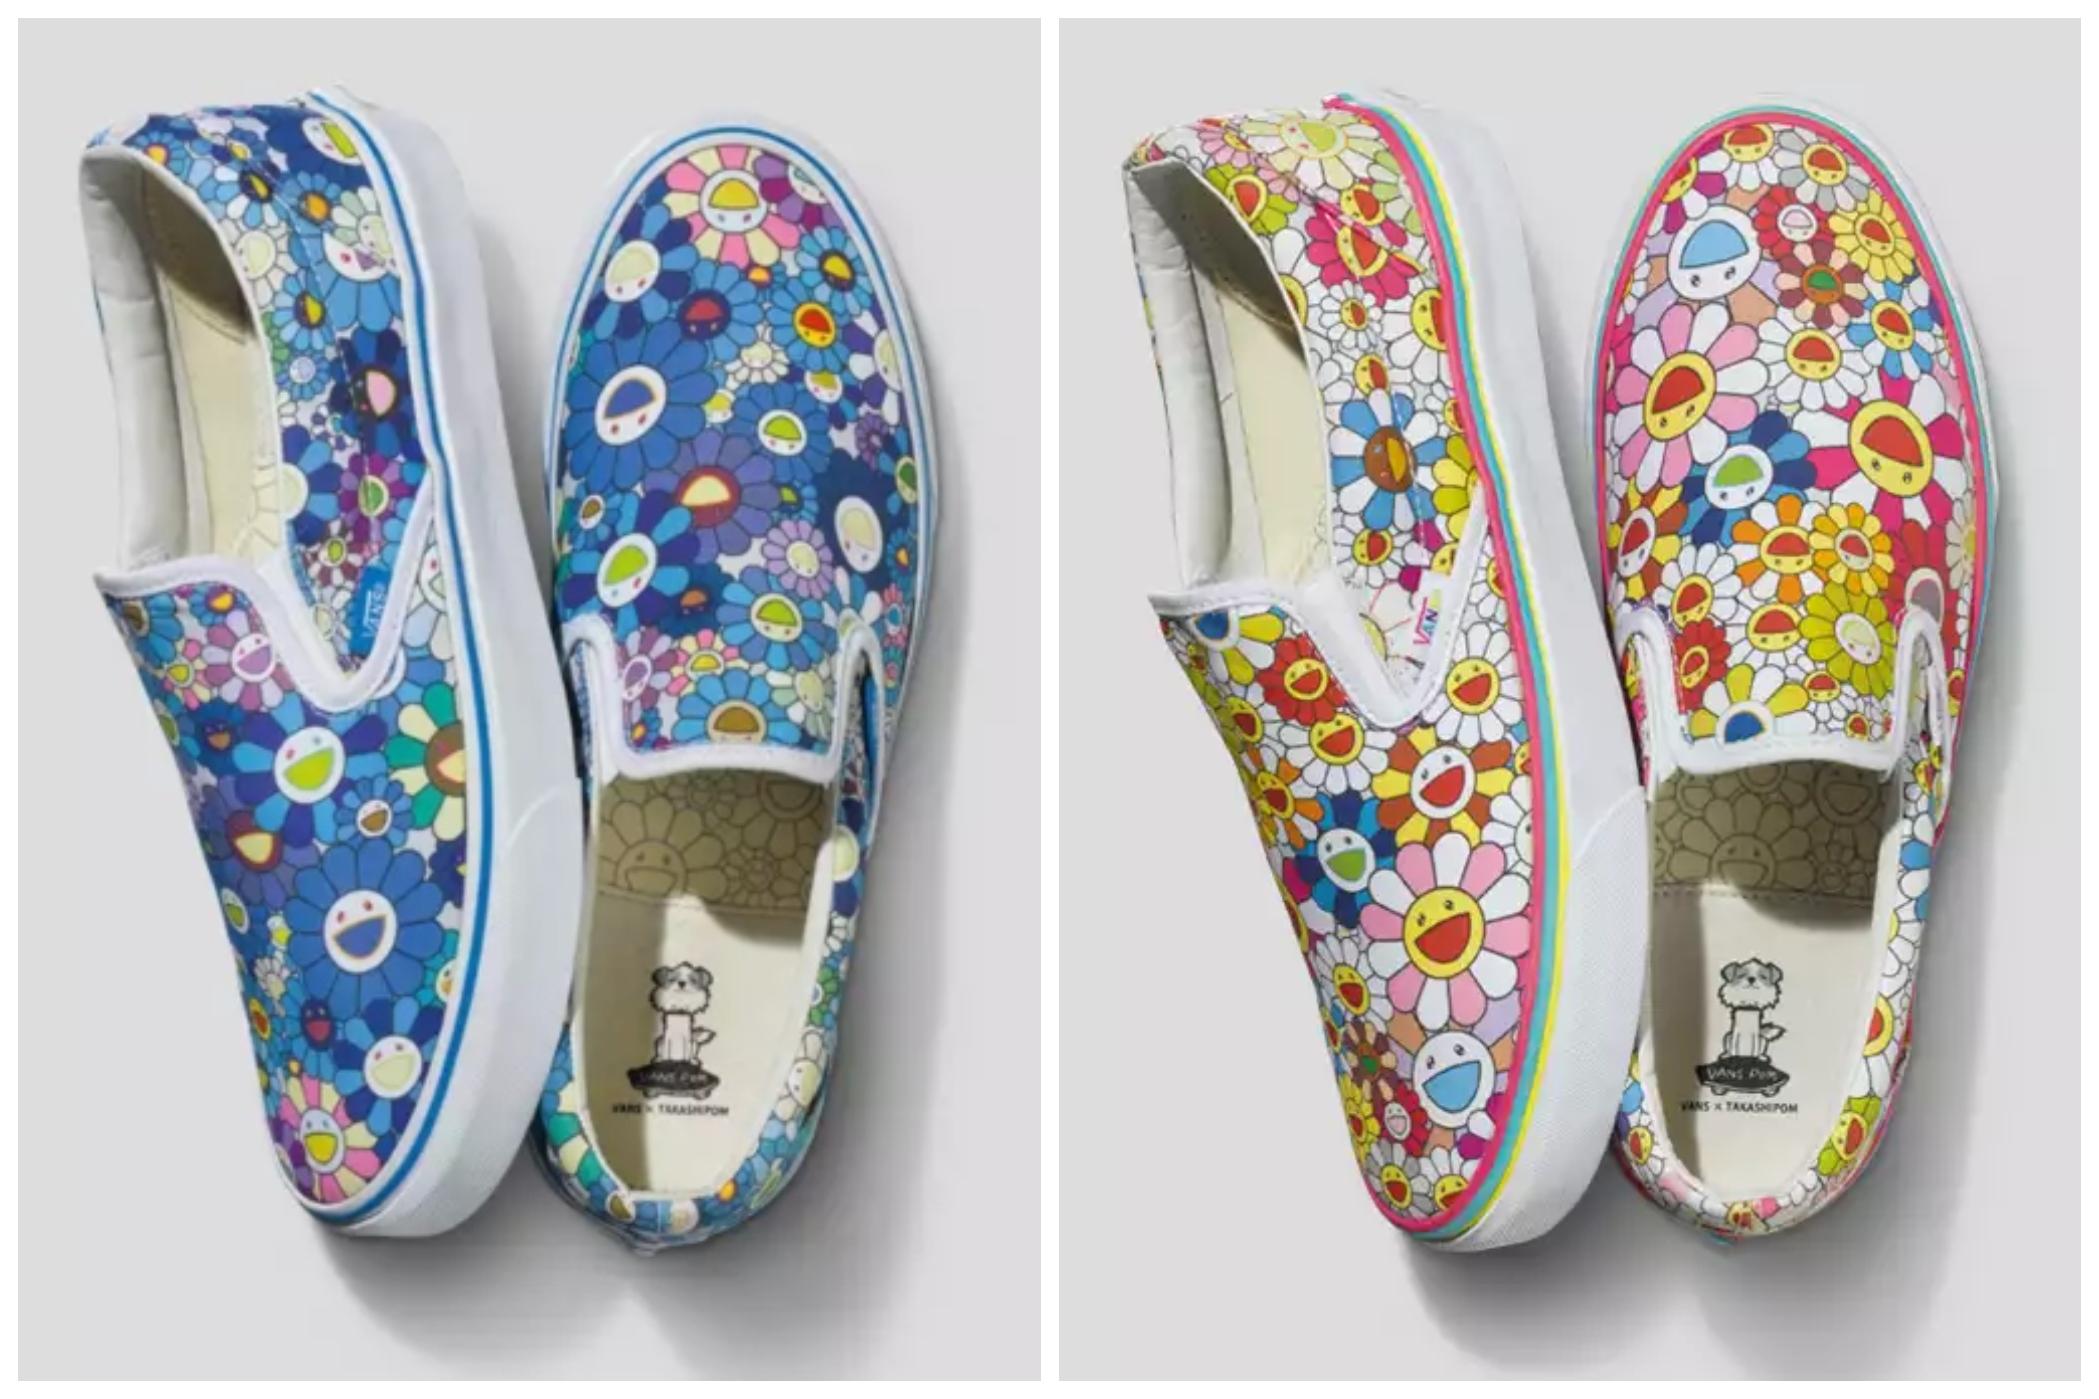 Mẫu giày kết hợp giữa Vans với Takashi Murakami